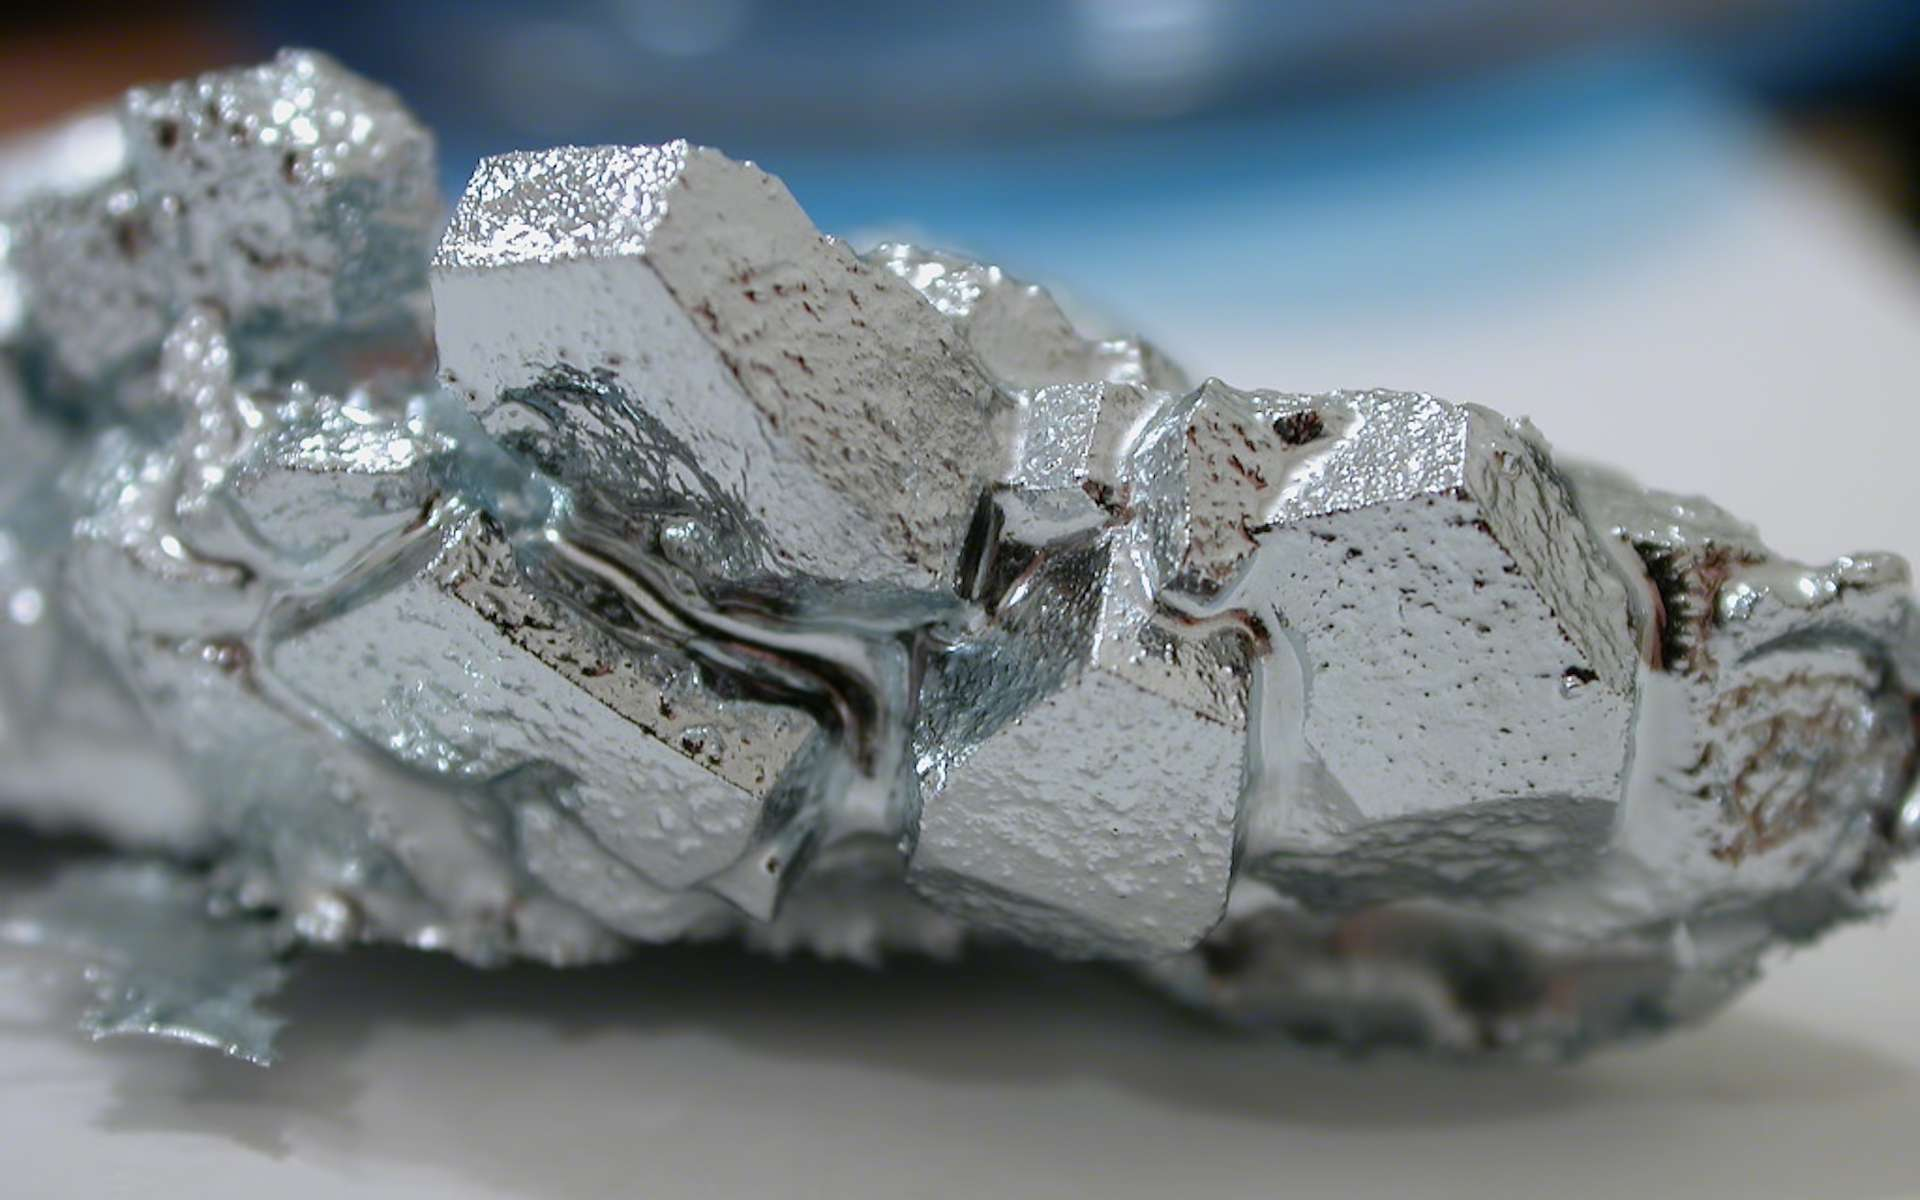 Le gallium appartient à la famille des métaux pauvres. Des scientifiques allemands espèrent exploiter sa température de fusion basse pour en faire un adhésif réversible efficace et utilisable à l'infini. © foobar, Wikipédia, CC by-sa 3.0